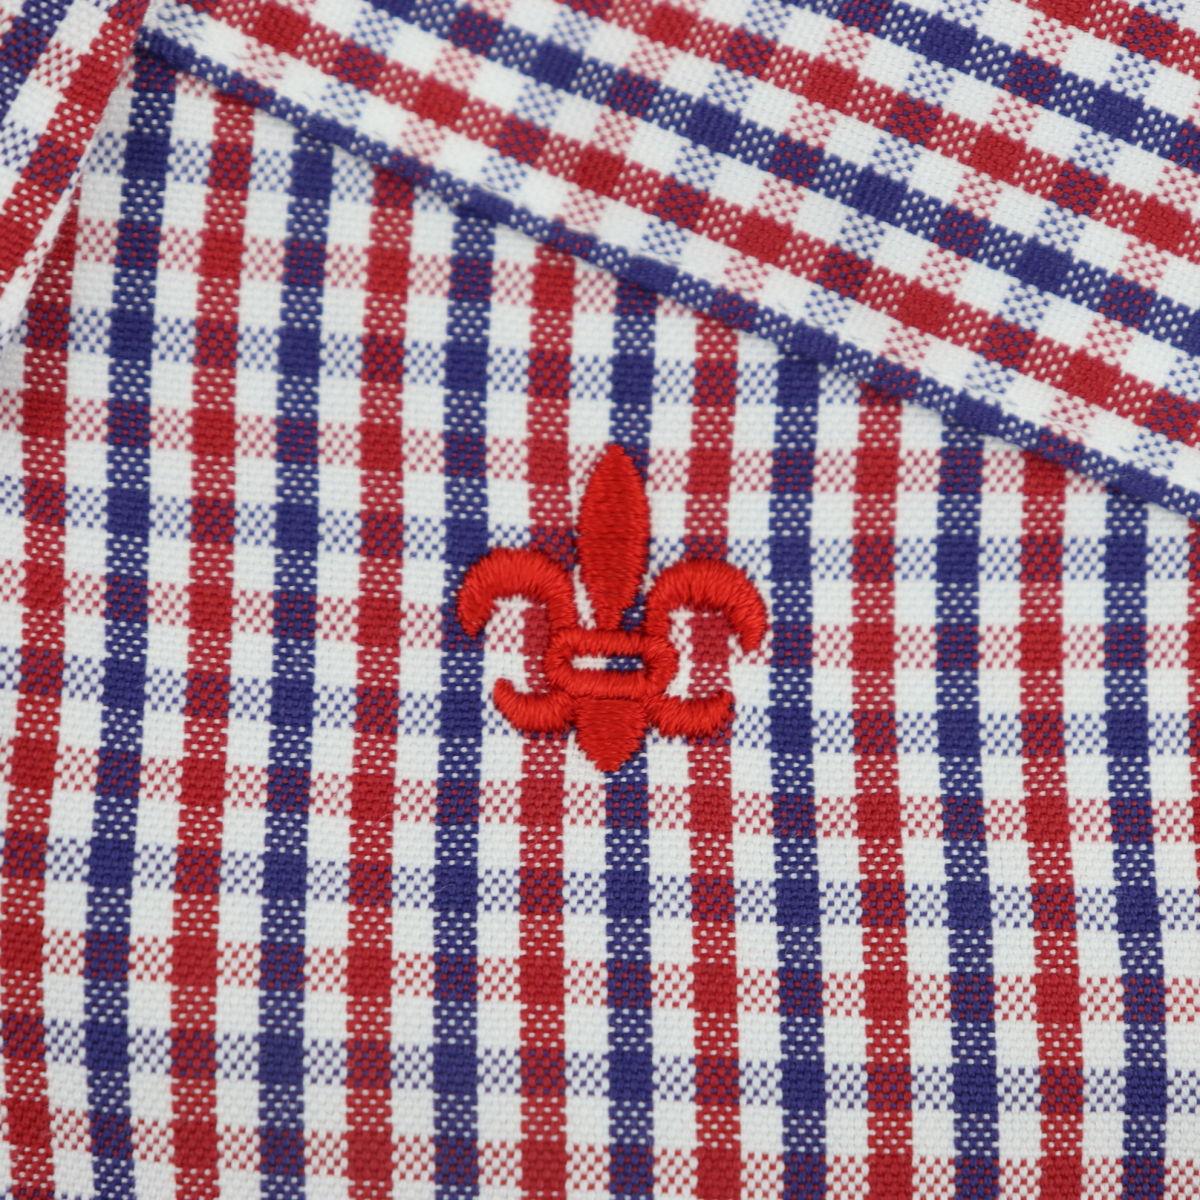 スウィープ ロサンゼルス Sweep!! LosAngeles メンズ ピンオックスフォード ギンガムチェック ボタンダウンシャツ SL130008  SWP RED×NAVY(レッド×ネイビー) 春夏新作